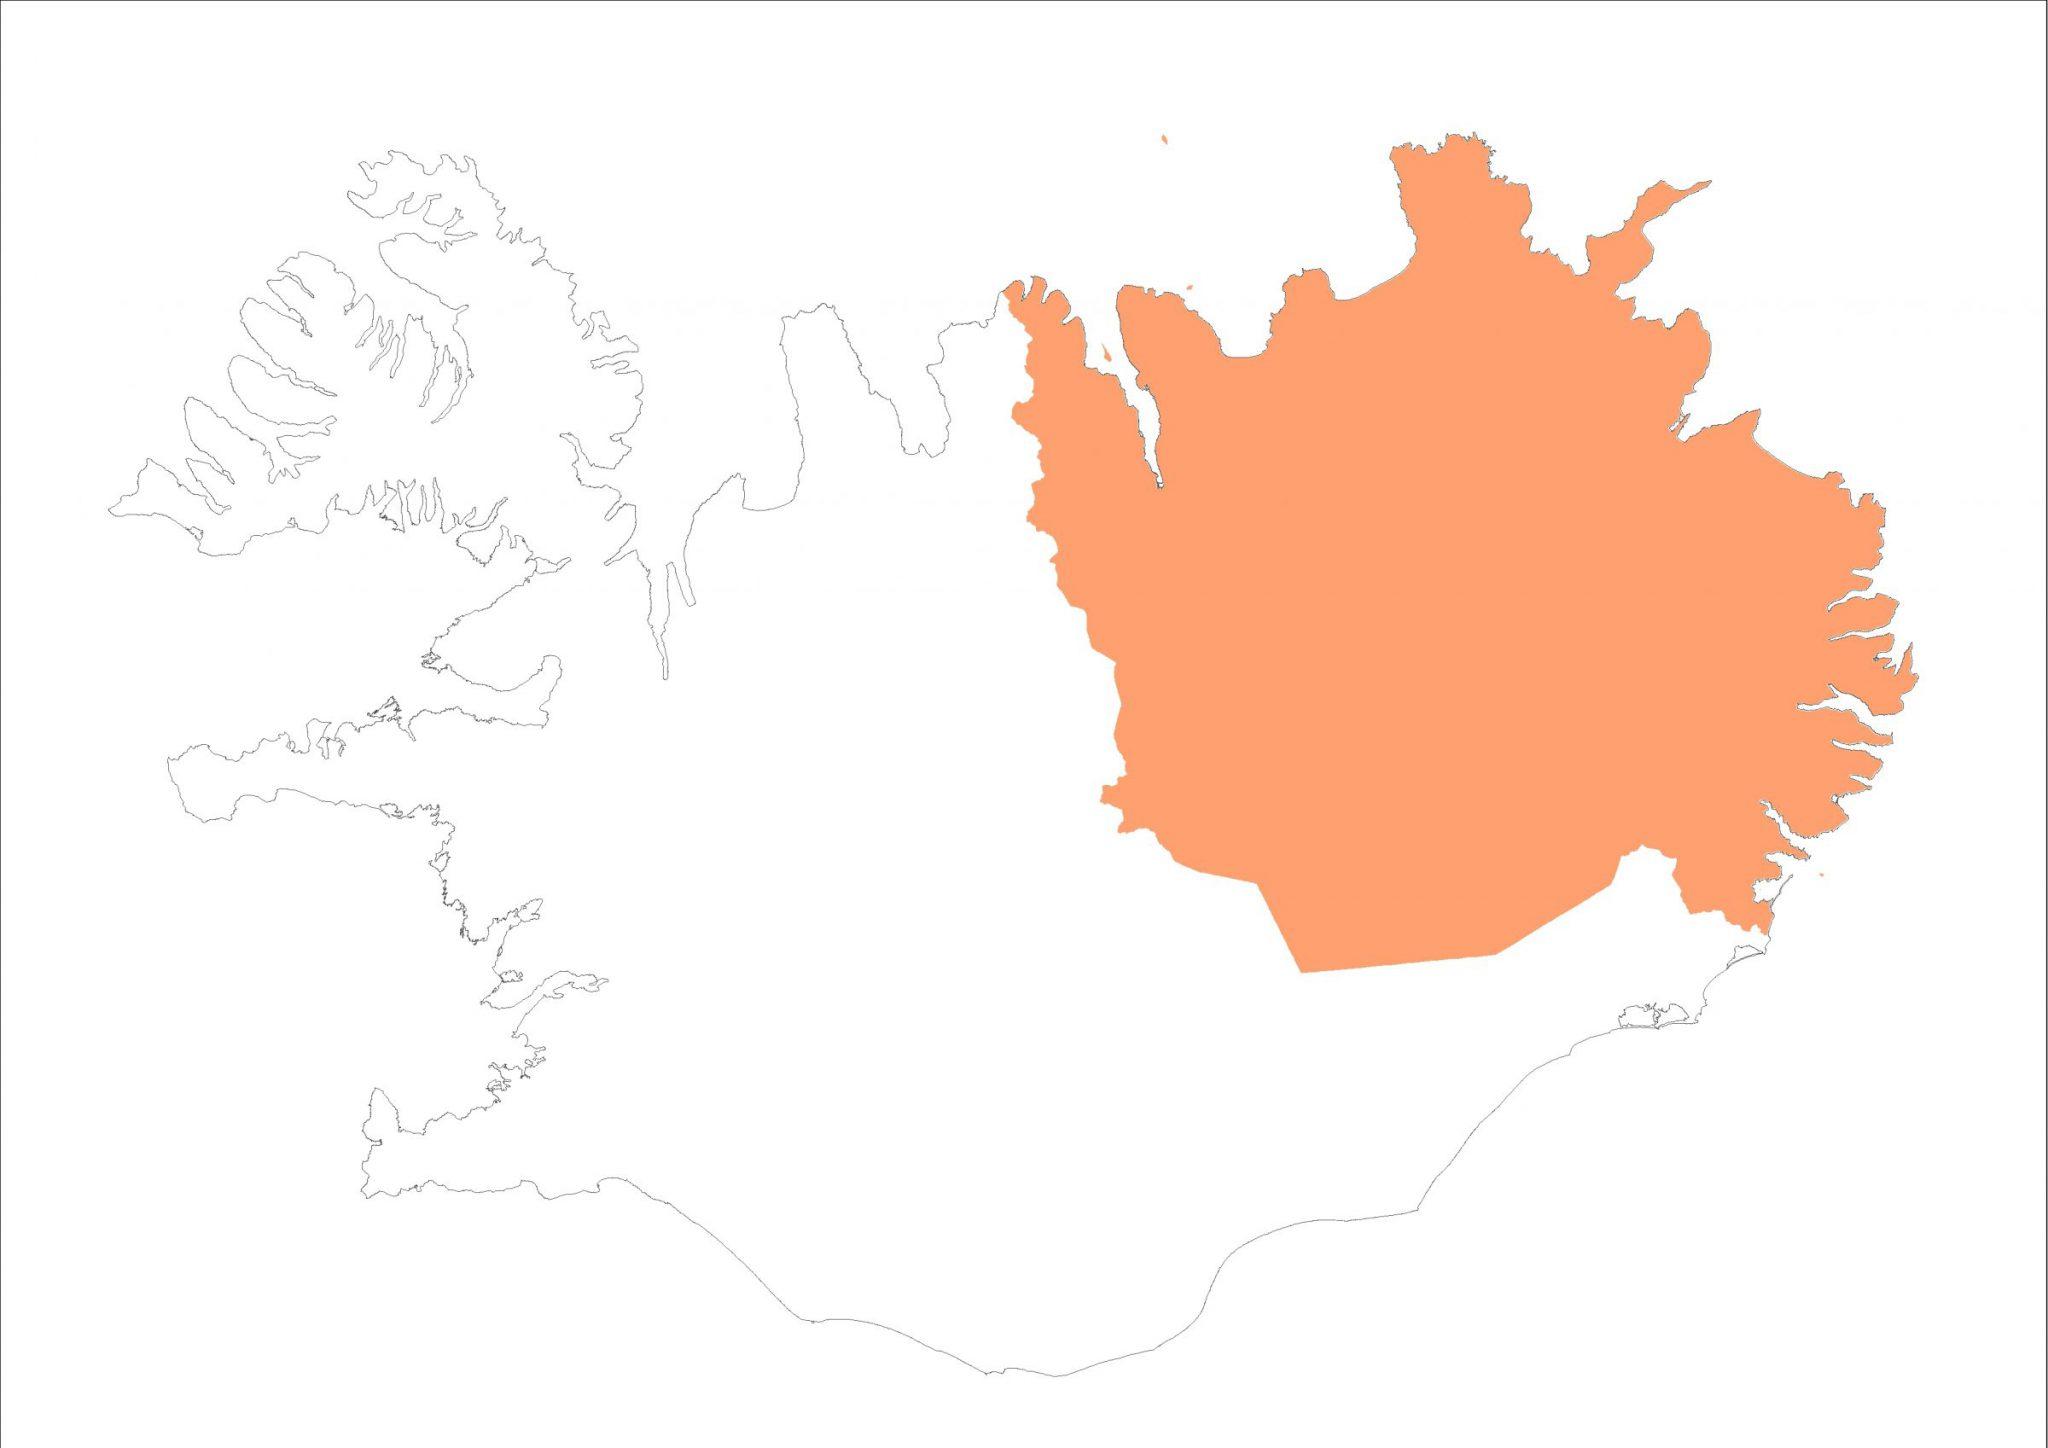 10 flokkar búnir að skila framboðslistum í Norðaustri